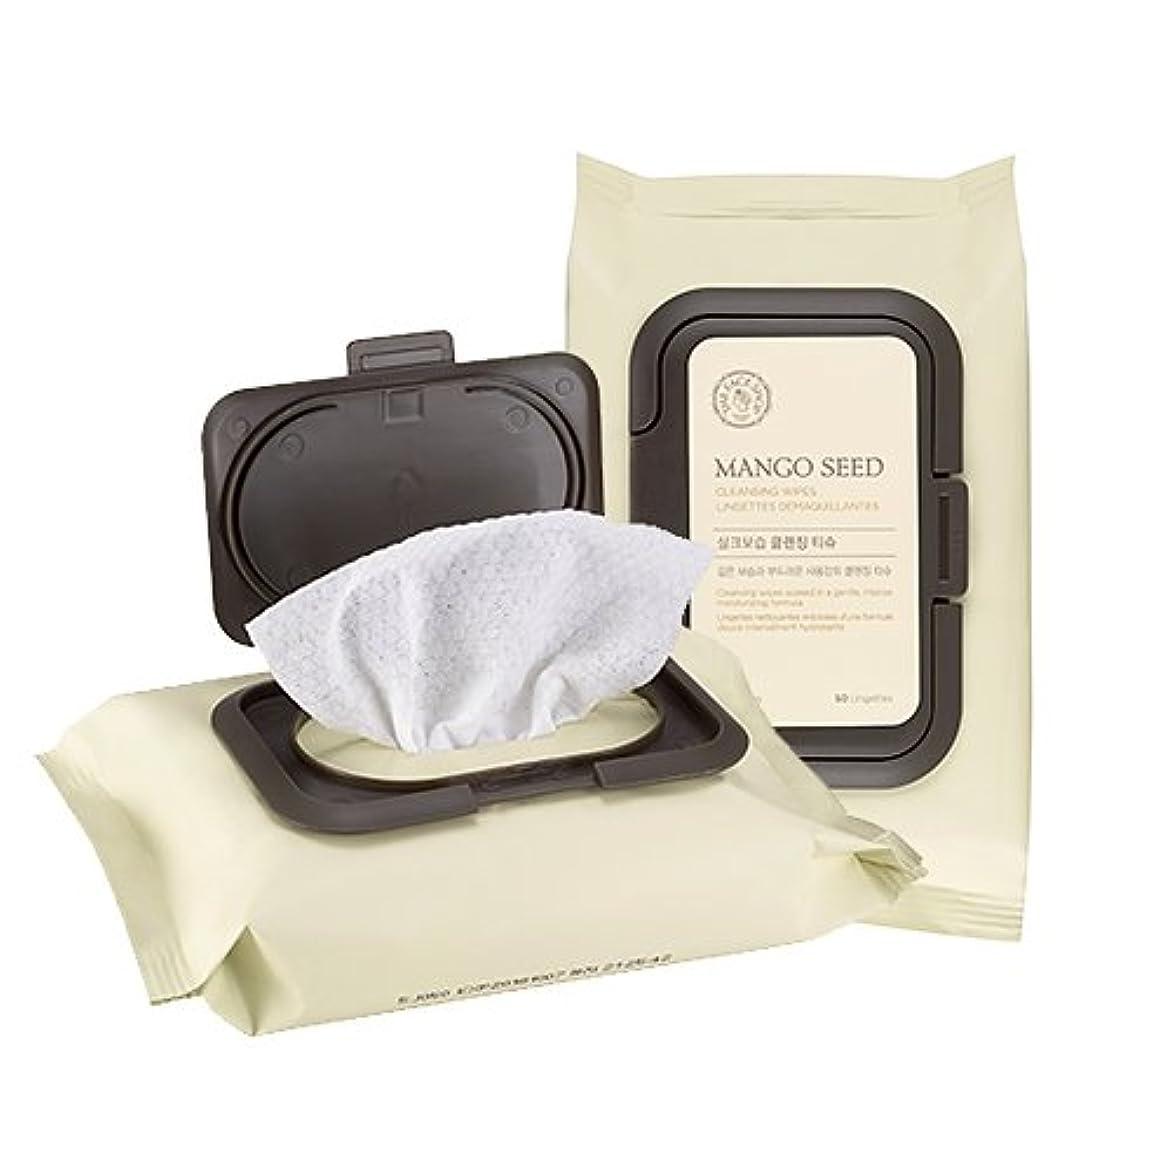 隣接するバランス大学生THE FACE SHOP Mango Seed Cleansing Tissue ザフェイスショップ マンゴシード シルク 保湿 クレンジング ティッシュ (50枚) [並行輸入品]